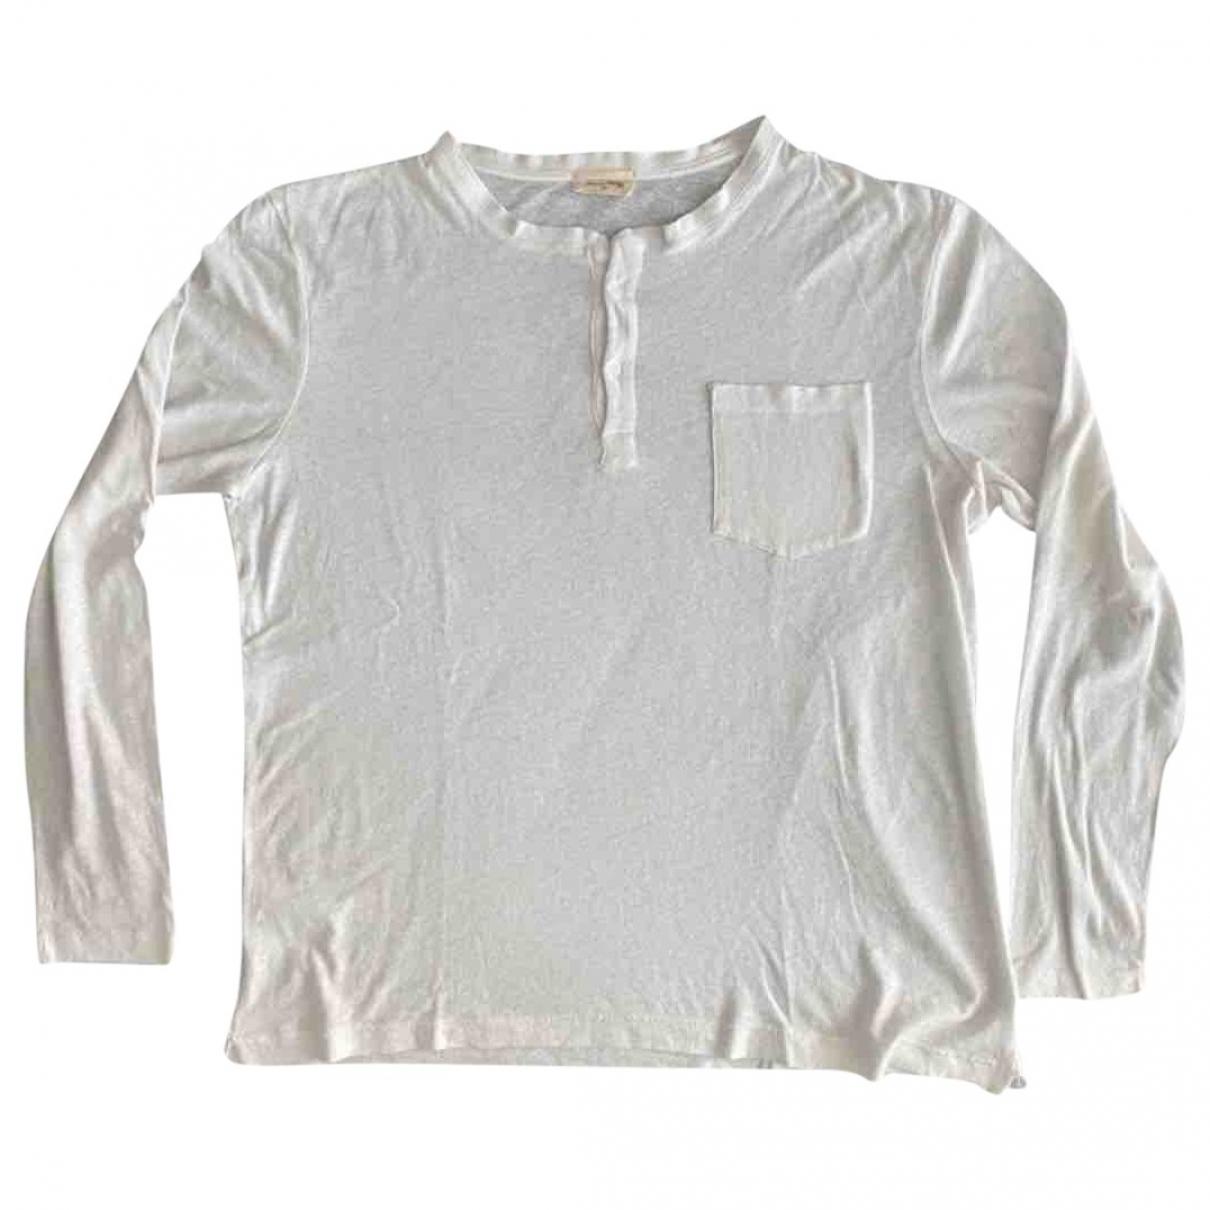 American Vintage - Tee shirts   pour homme en coton - blanc